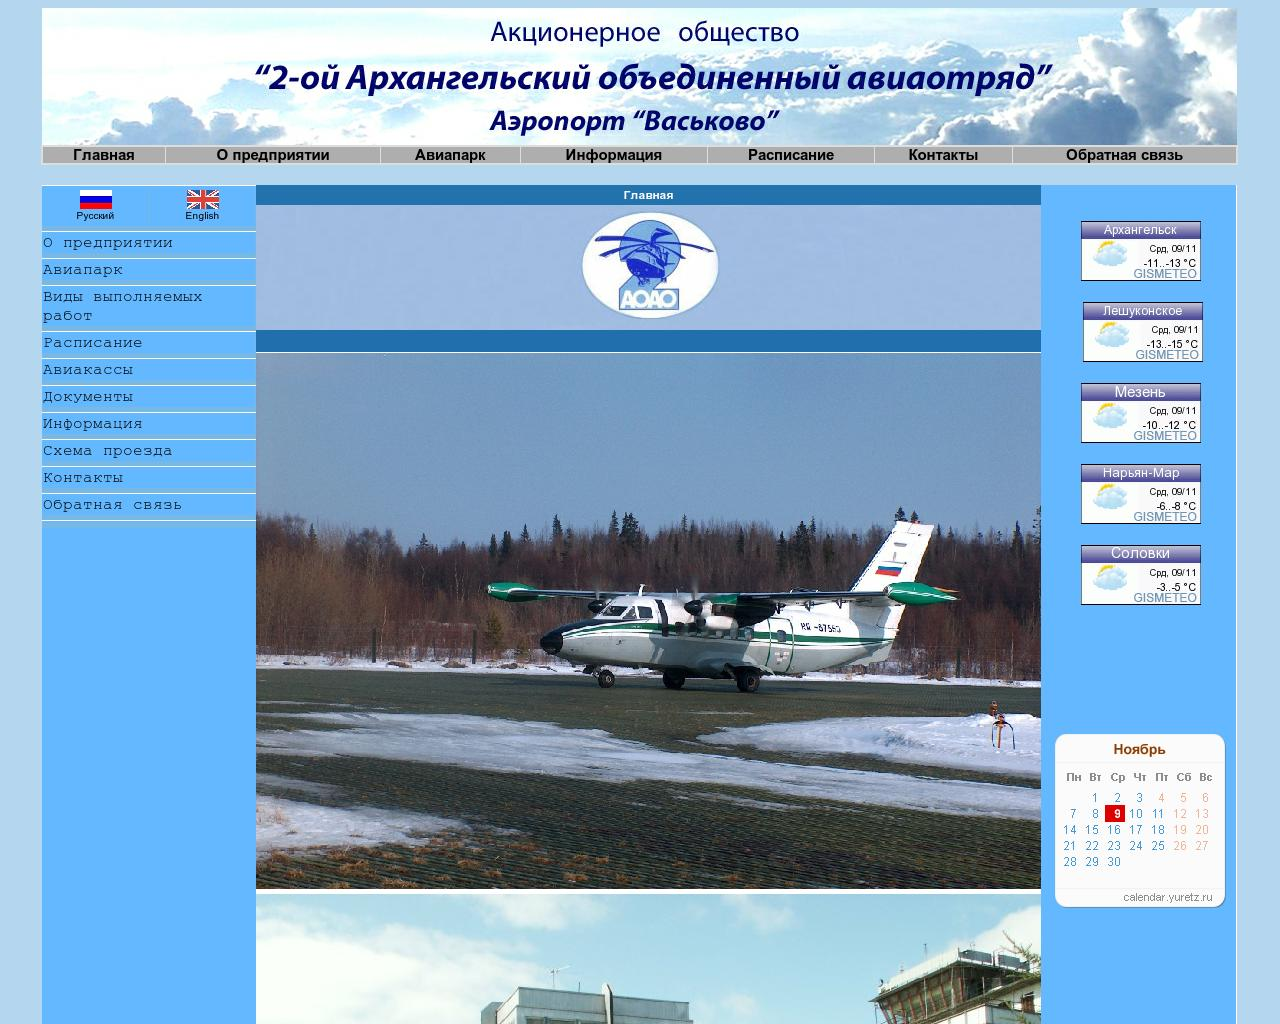 Освящение совершено архиереем по просьбе руководства, летного состава и техников авиаотряда